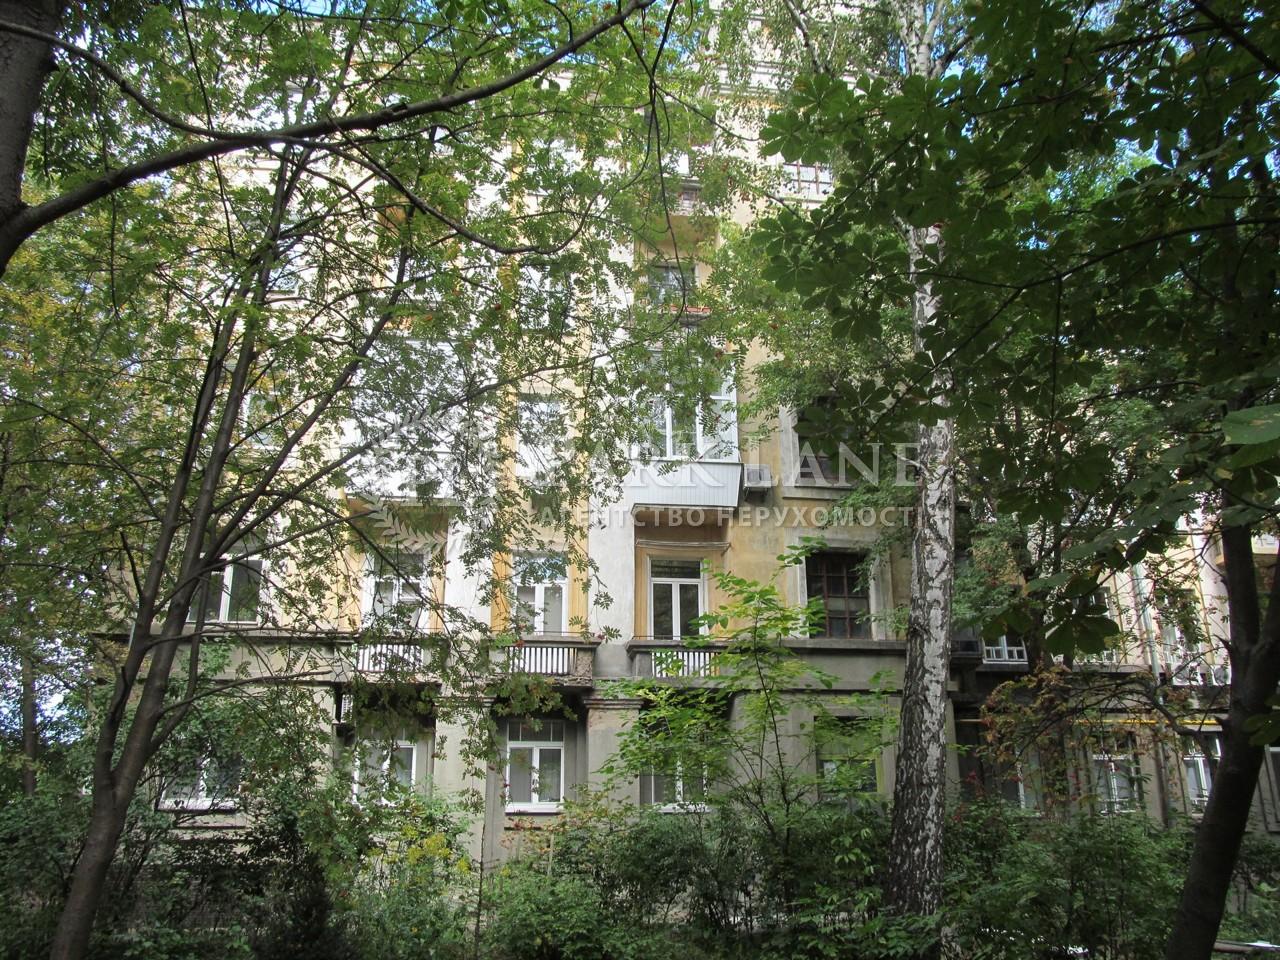 Квартира ул. Антонова Авиаконструктора, 2/32 корпус 8, Киев, Z-733796 - Фото 2